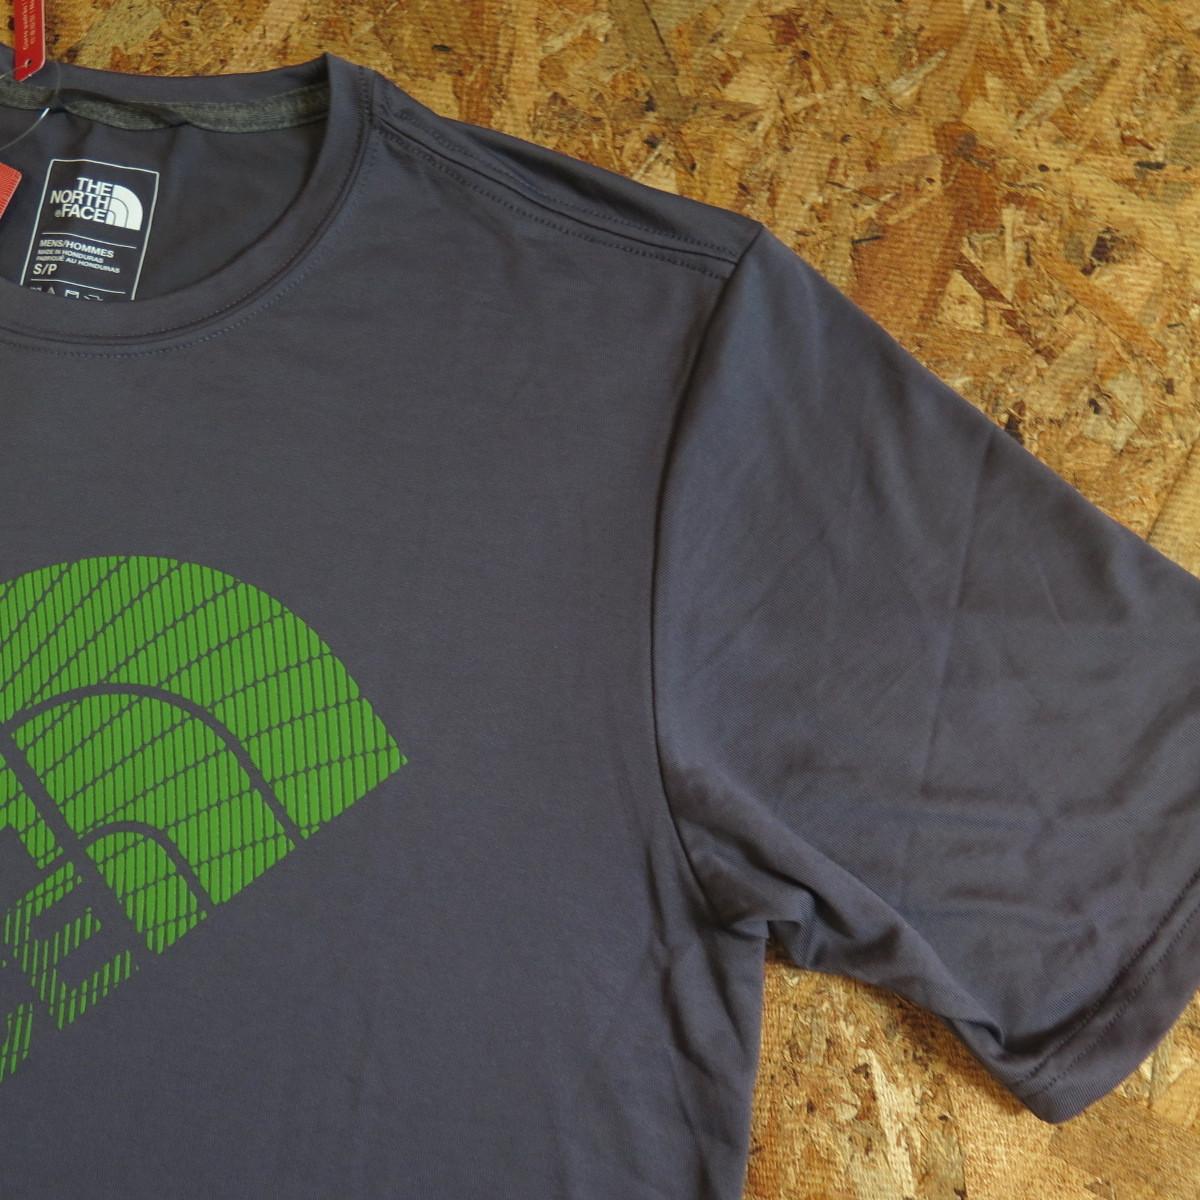 新品☆本物 NY購入 THE NORTH FACE ロゴ Tシャツ Mサイズ ノースフェイス LOGO S/S TEE USA限定 日本未発売モデル T-SHIRT D.GRAY/GREEN_画像5